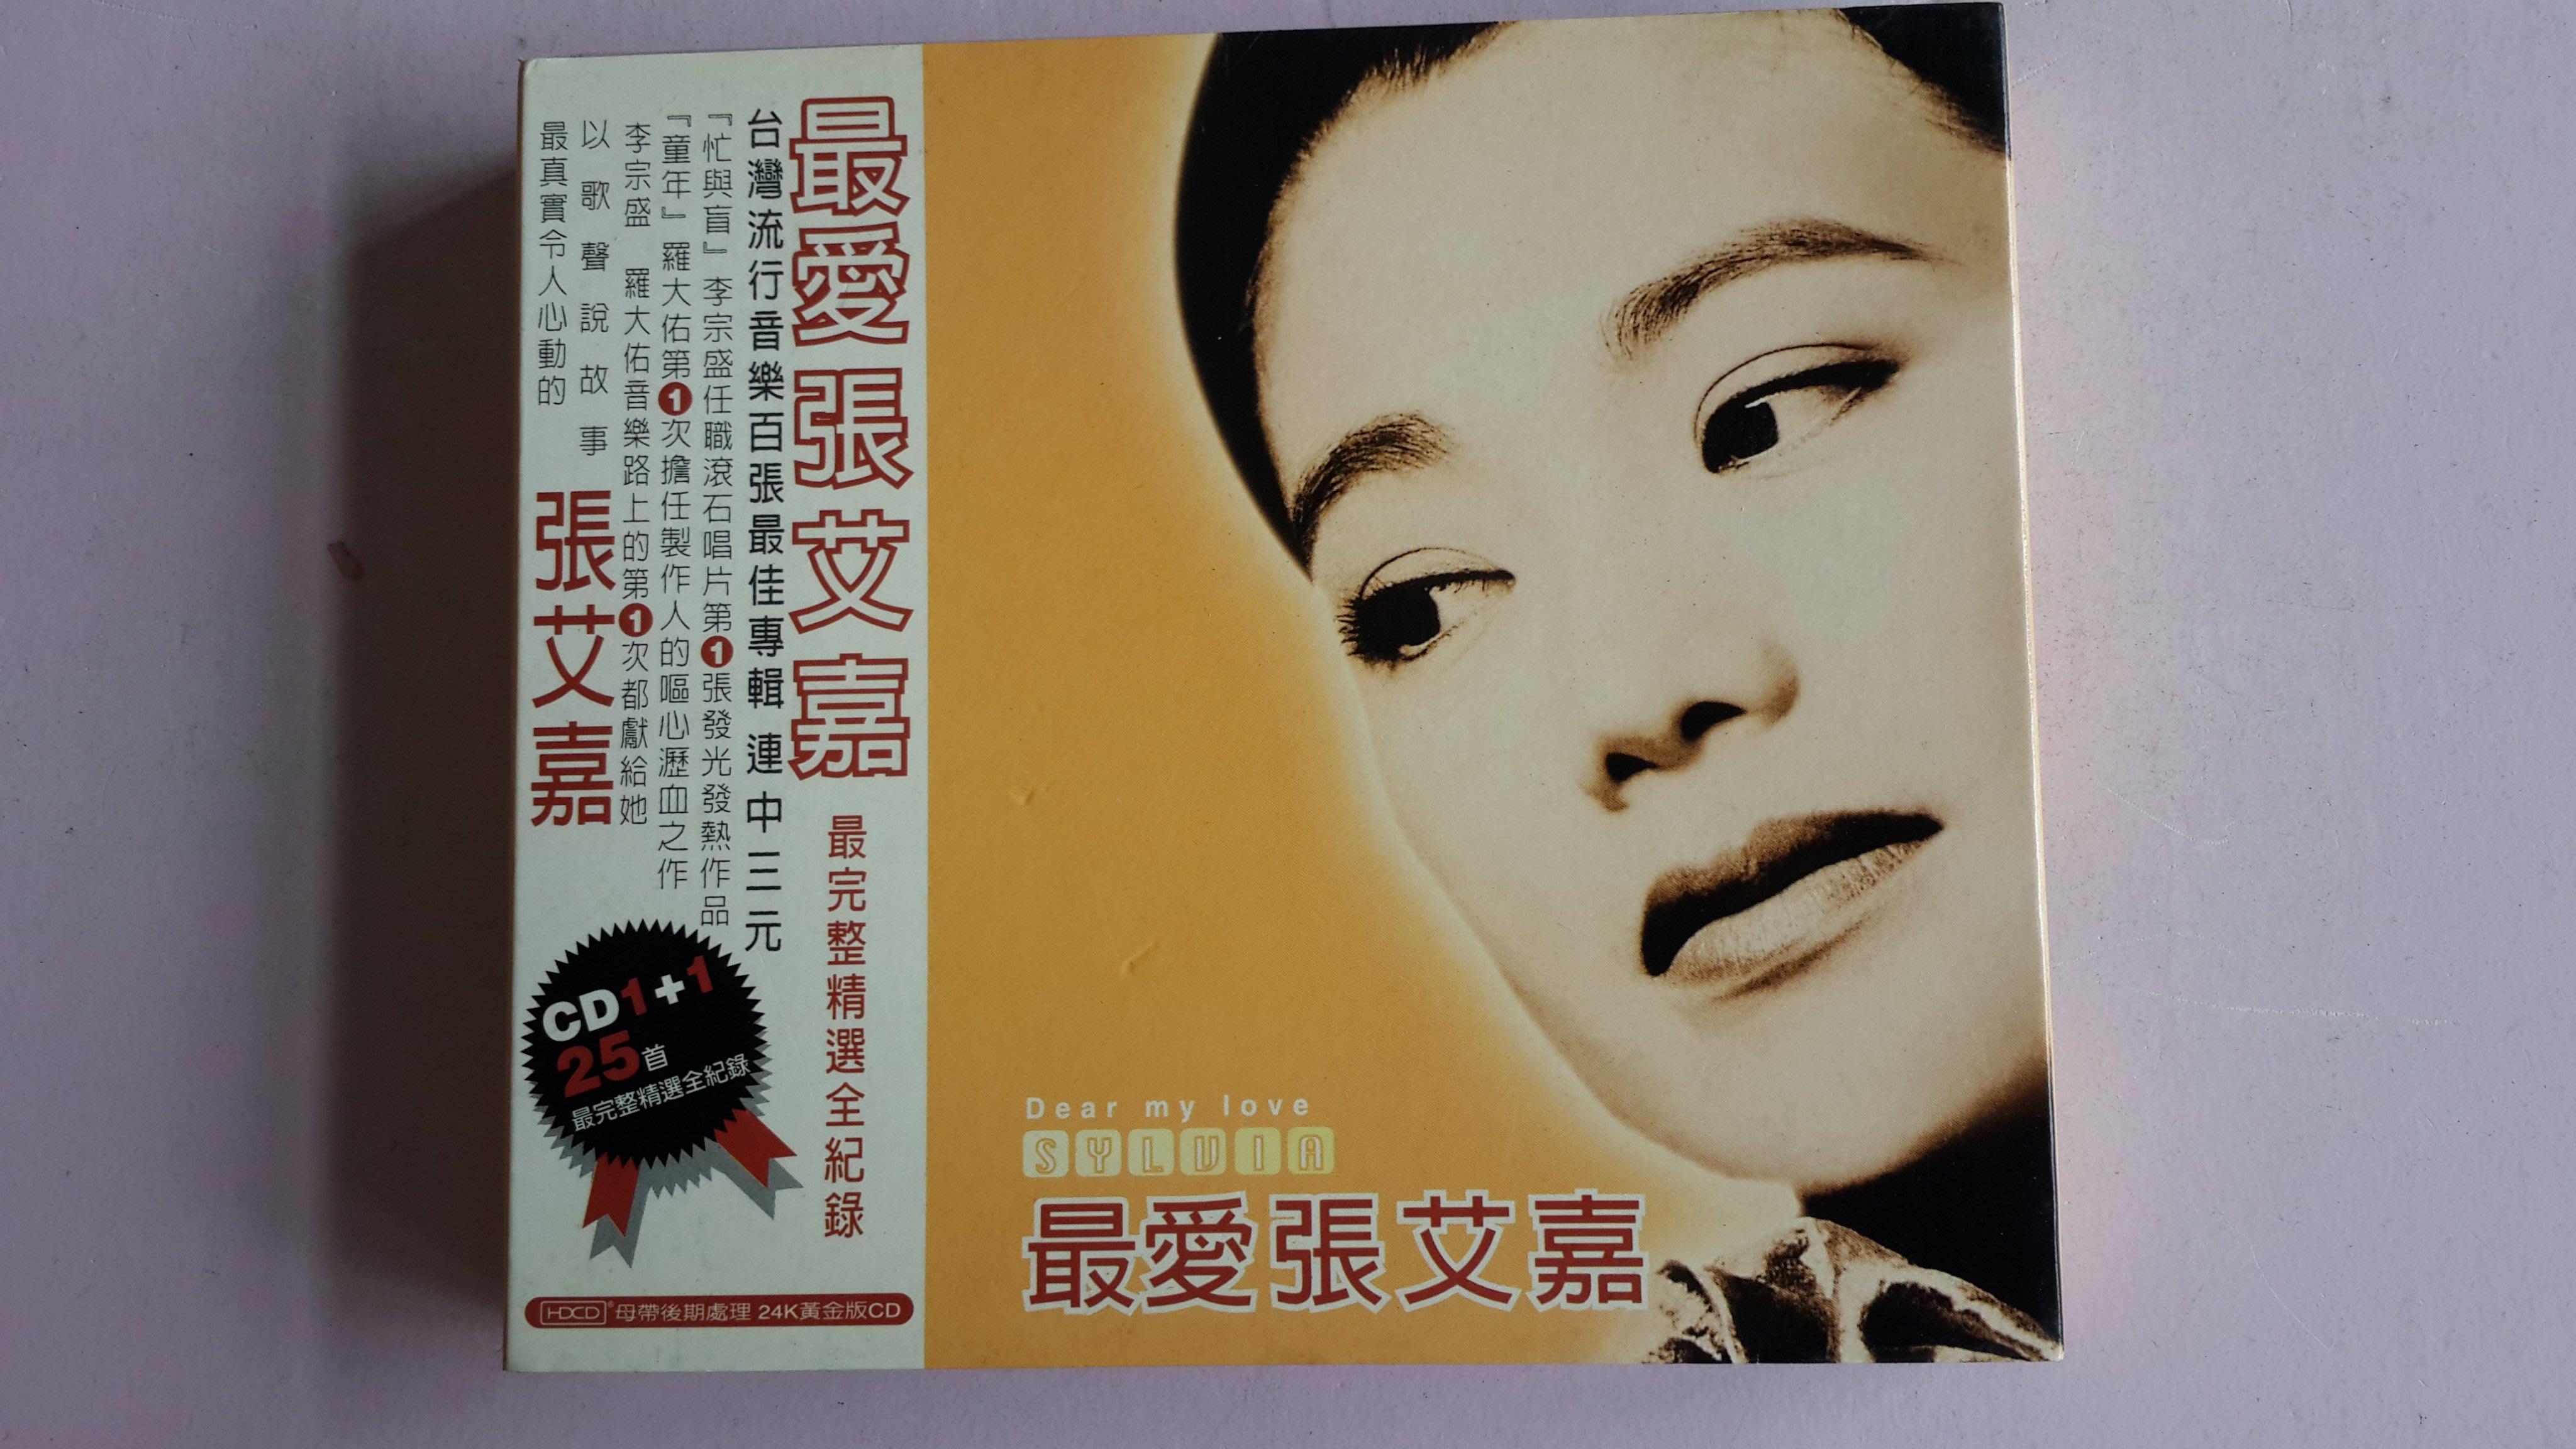 【鳳姐嚴選二手唱片】 張艾嘉 最愛 張艾嘉 2CD